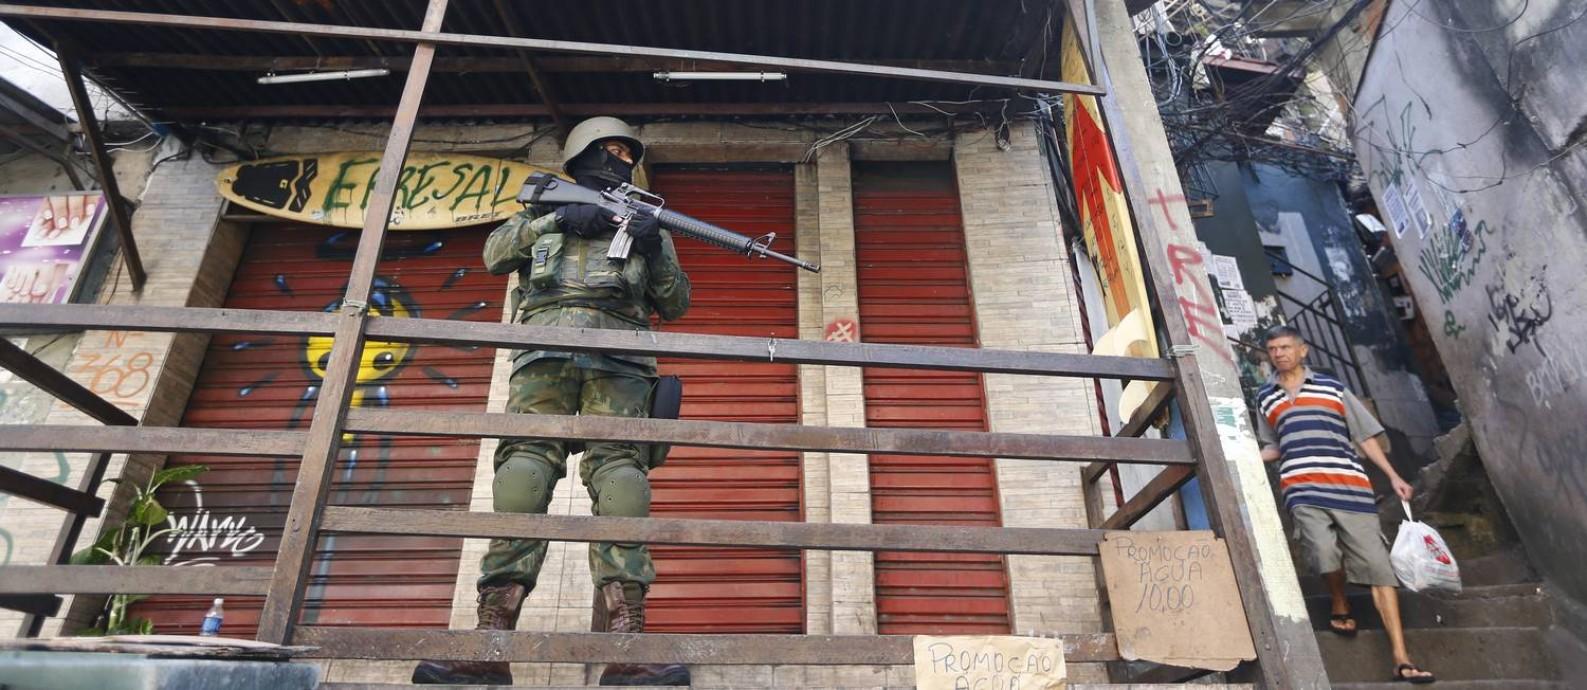 Militar em patrulha na Rocinha Foto: Pablo Jacob / Agência O Globo